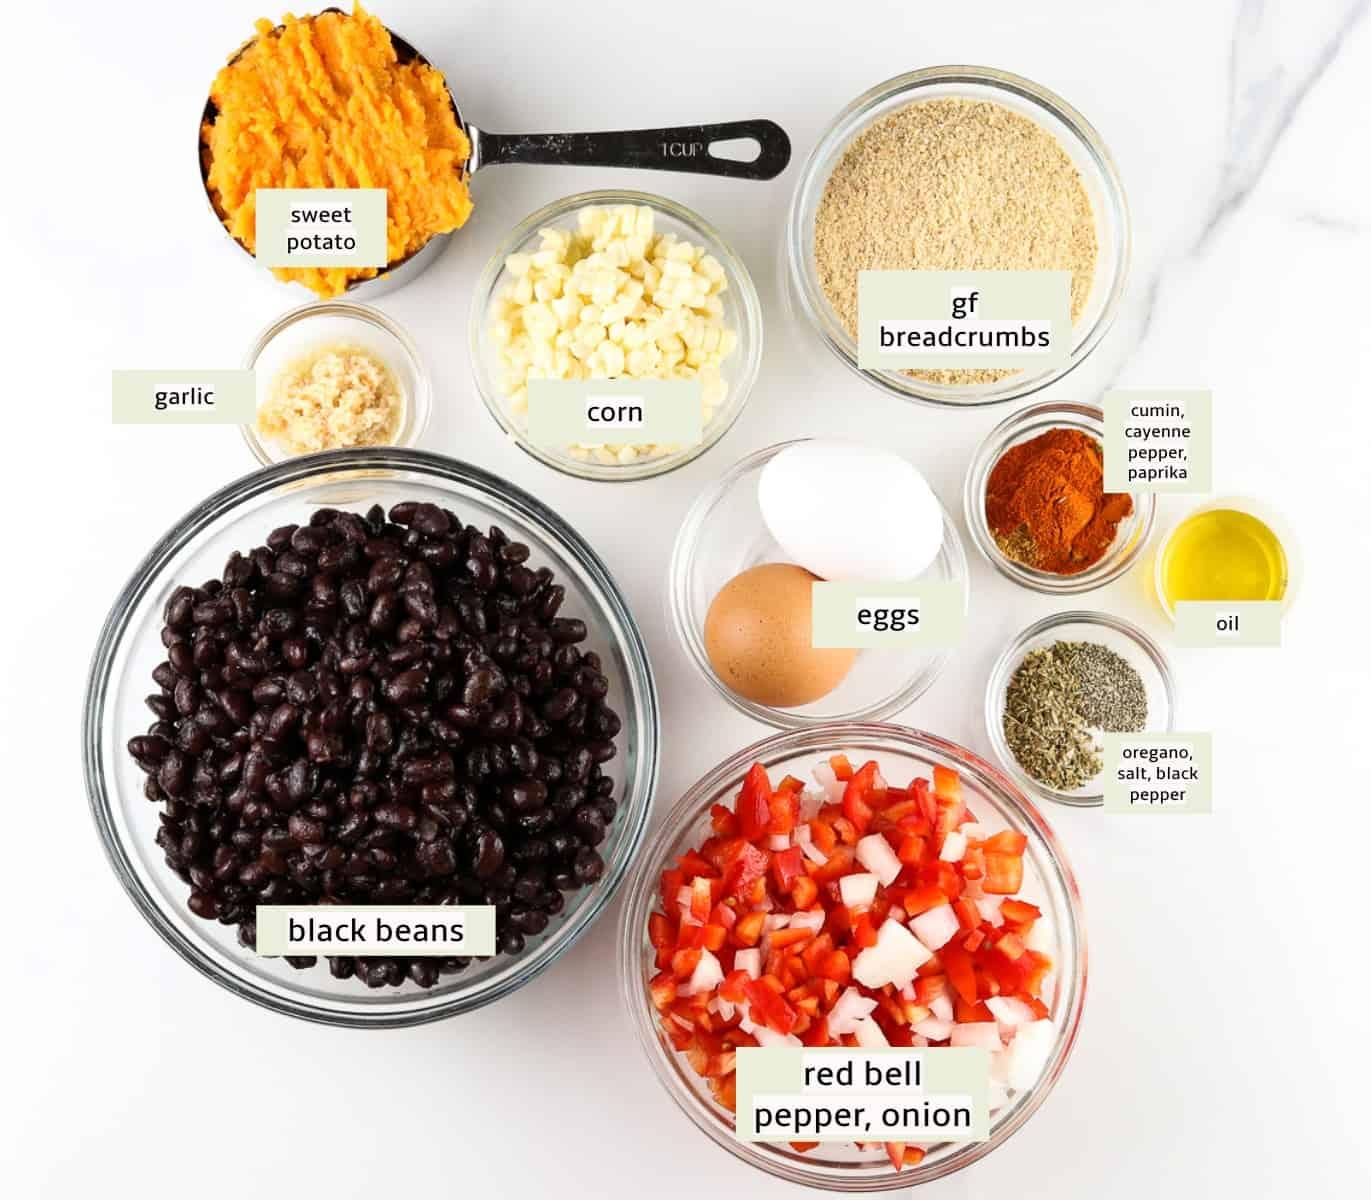 Ingredients for black bean burgers.